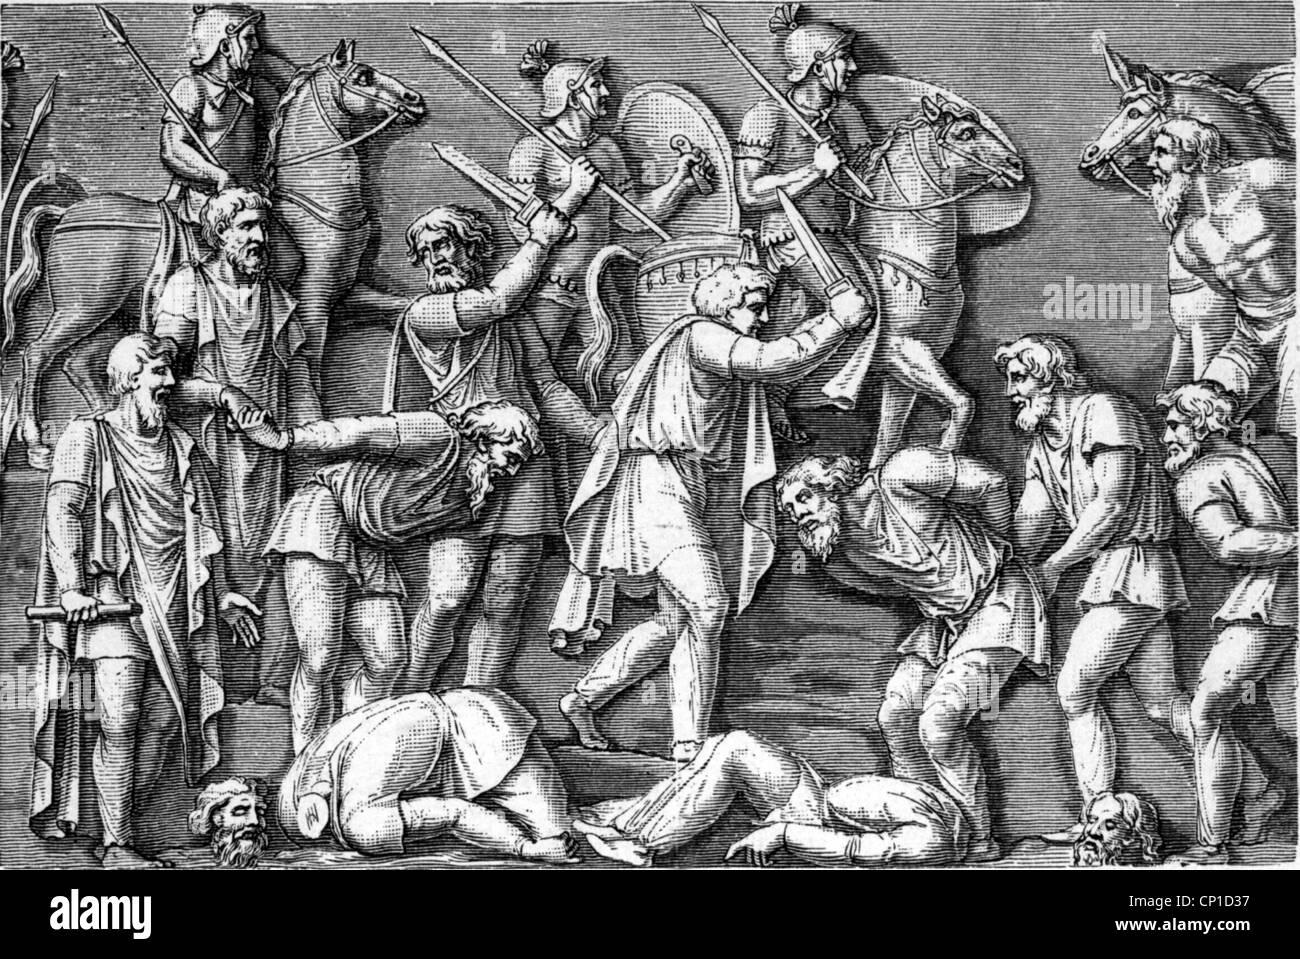 Veranstaltungen, Marcomannic Wars 166-180, der König der Markomannen beobachten Hinrichtungen, Holz Gravur, Stockbild